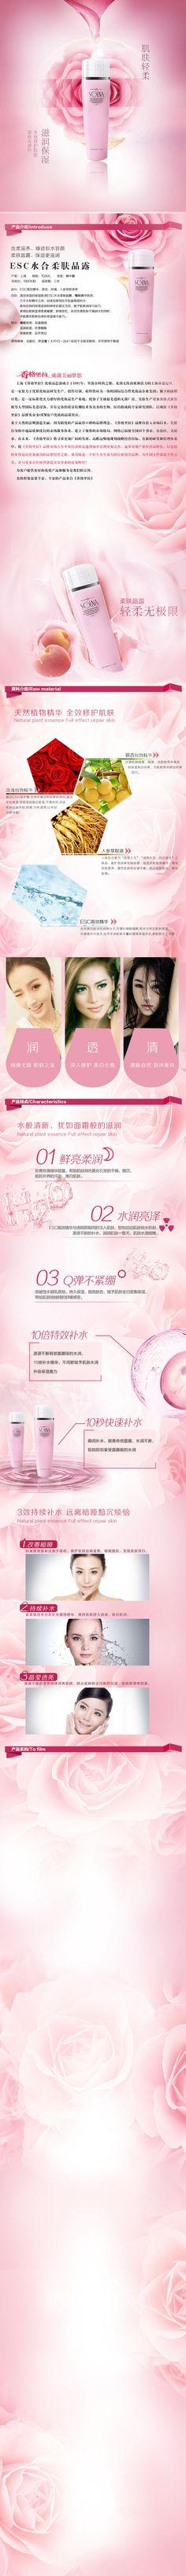 粉红色化妆品